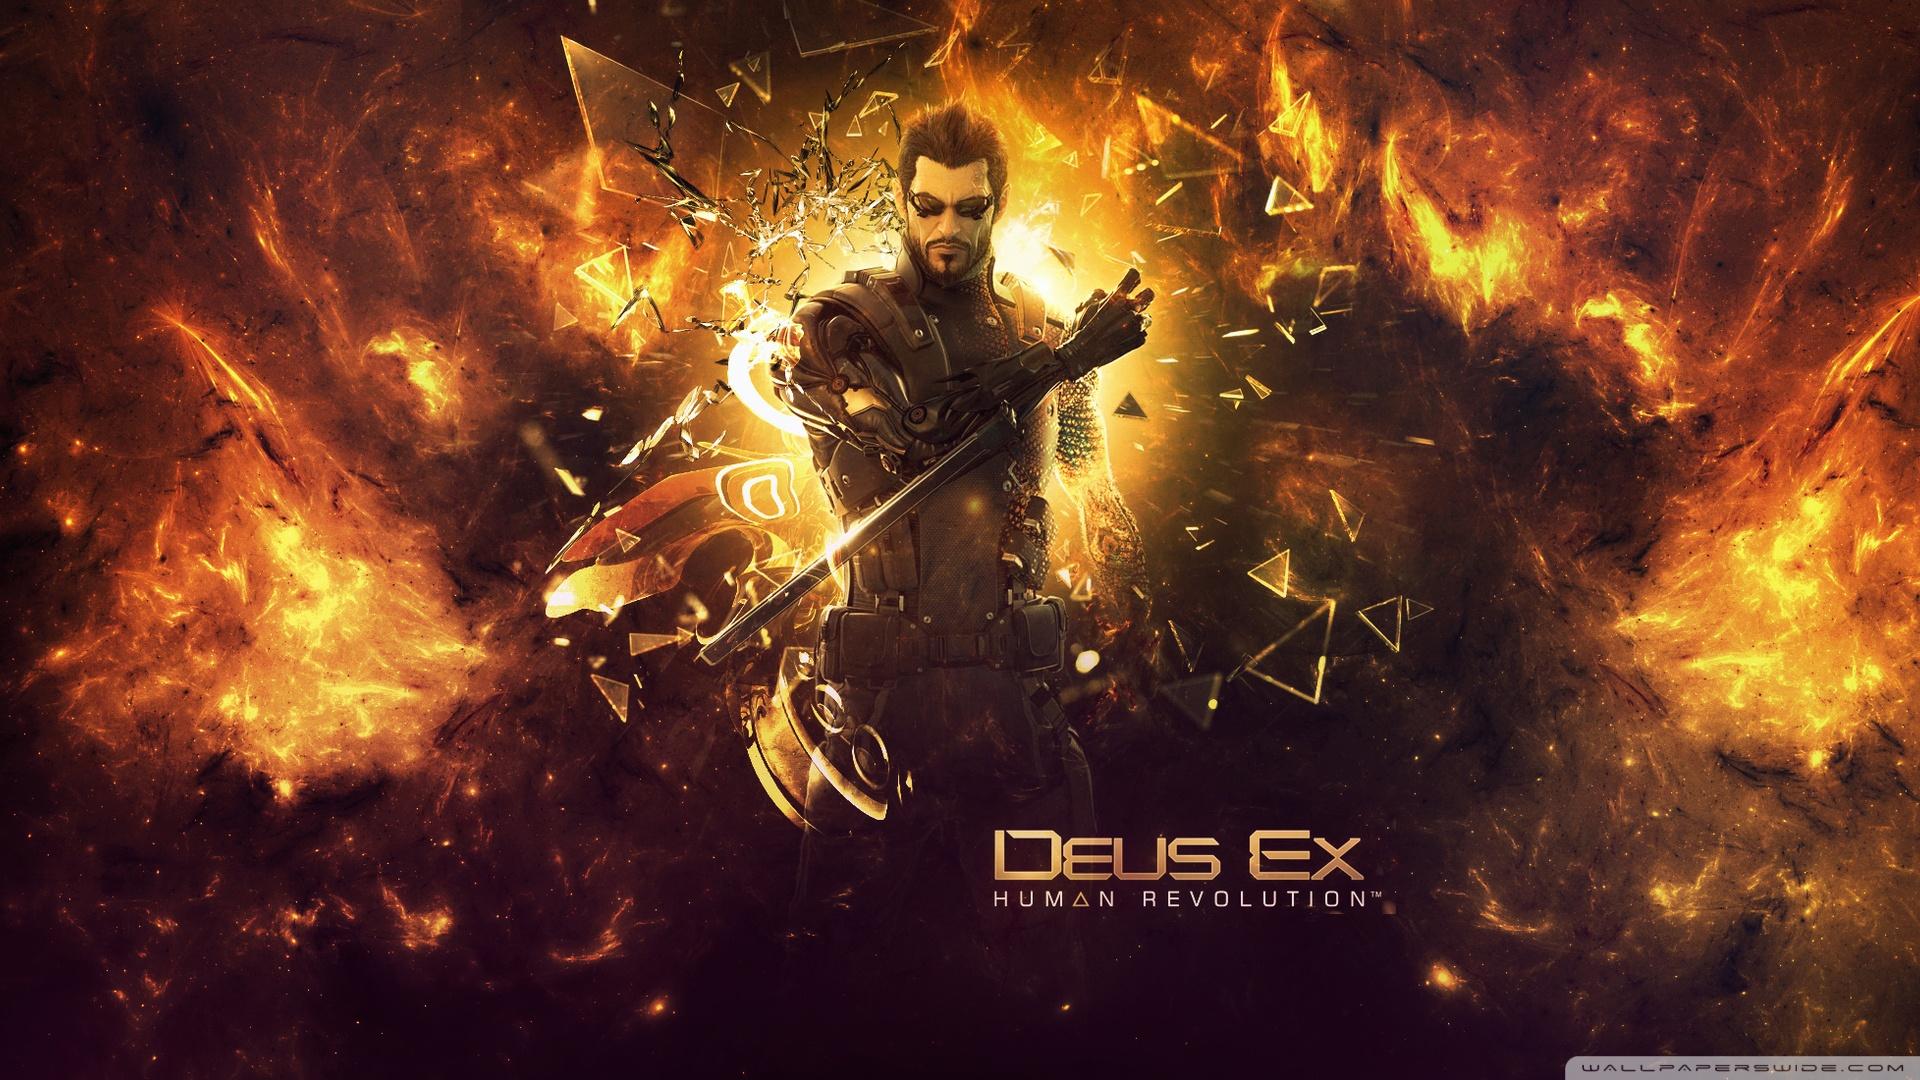 deus_ex_human_revolution_6-wallpaper-1920x1080